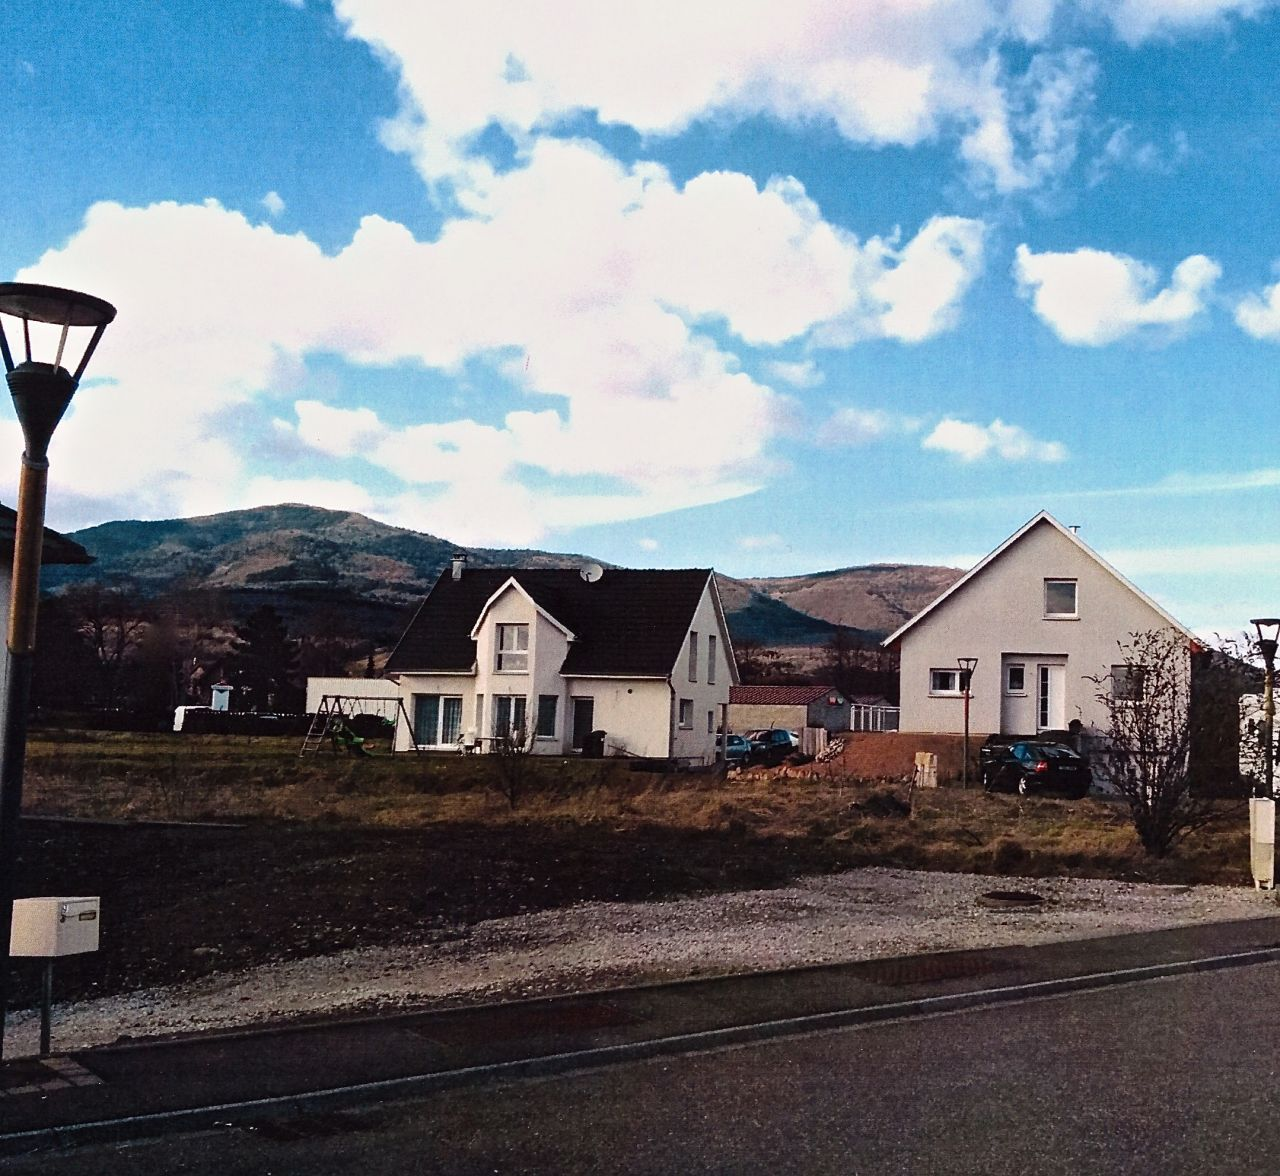 Vue de la rue, photo issue du dossier de Permis de construire